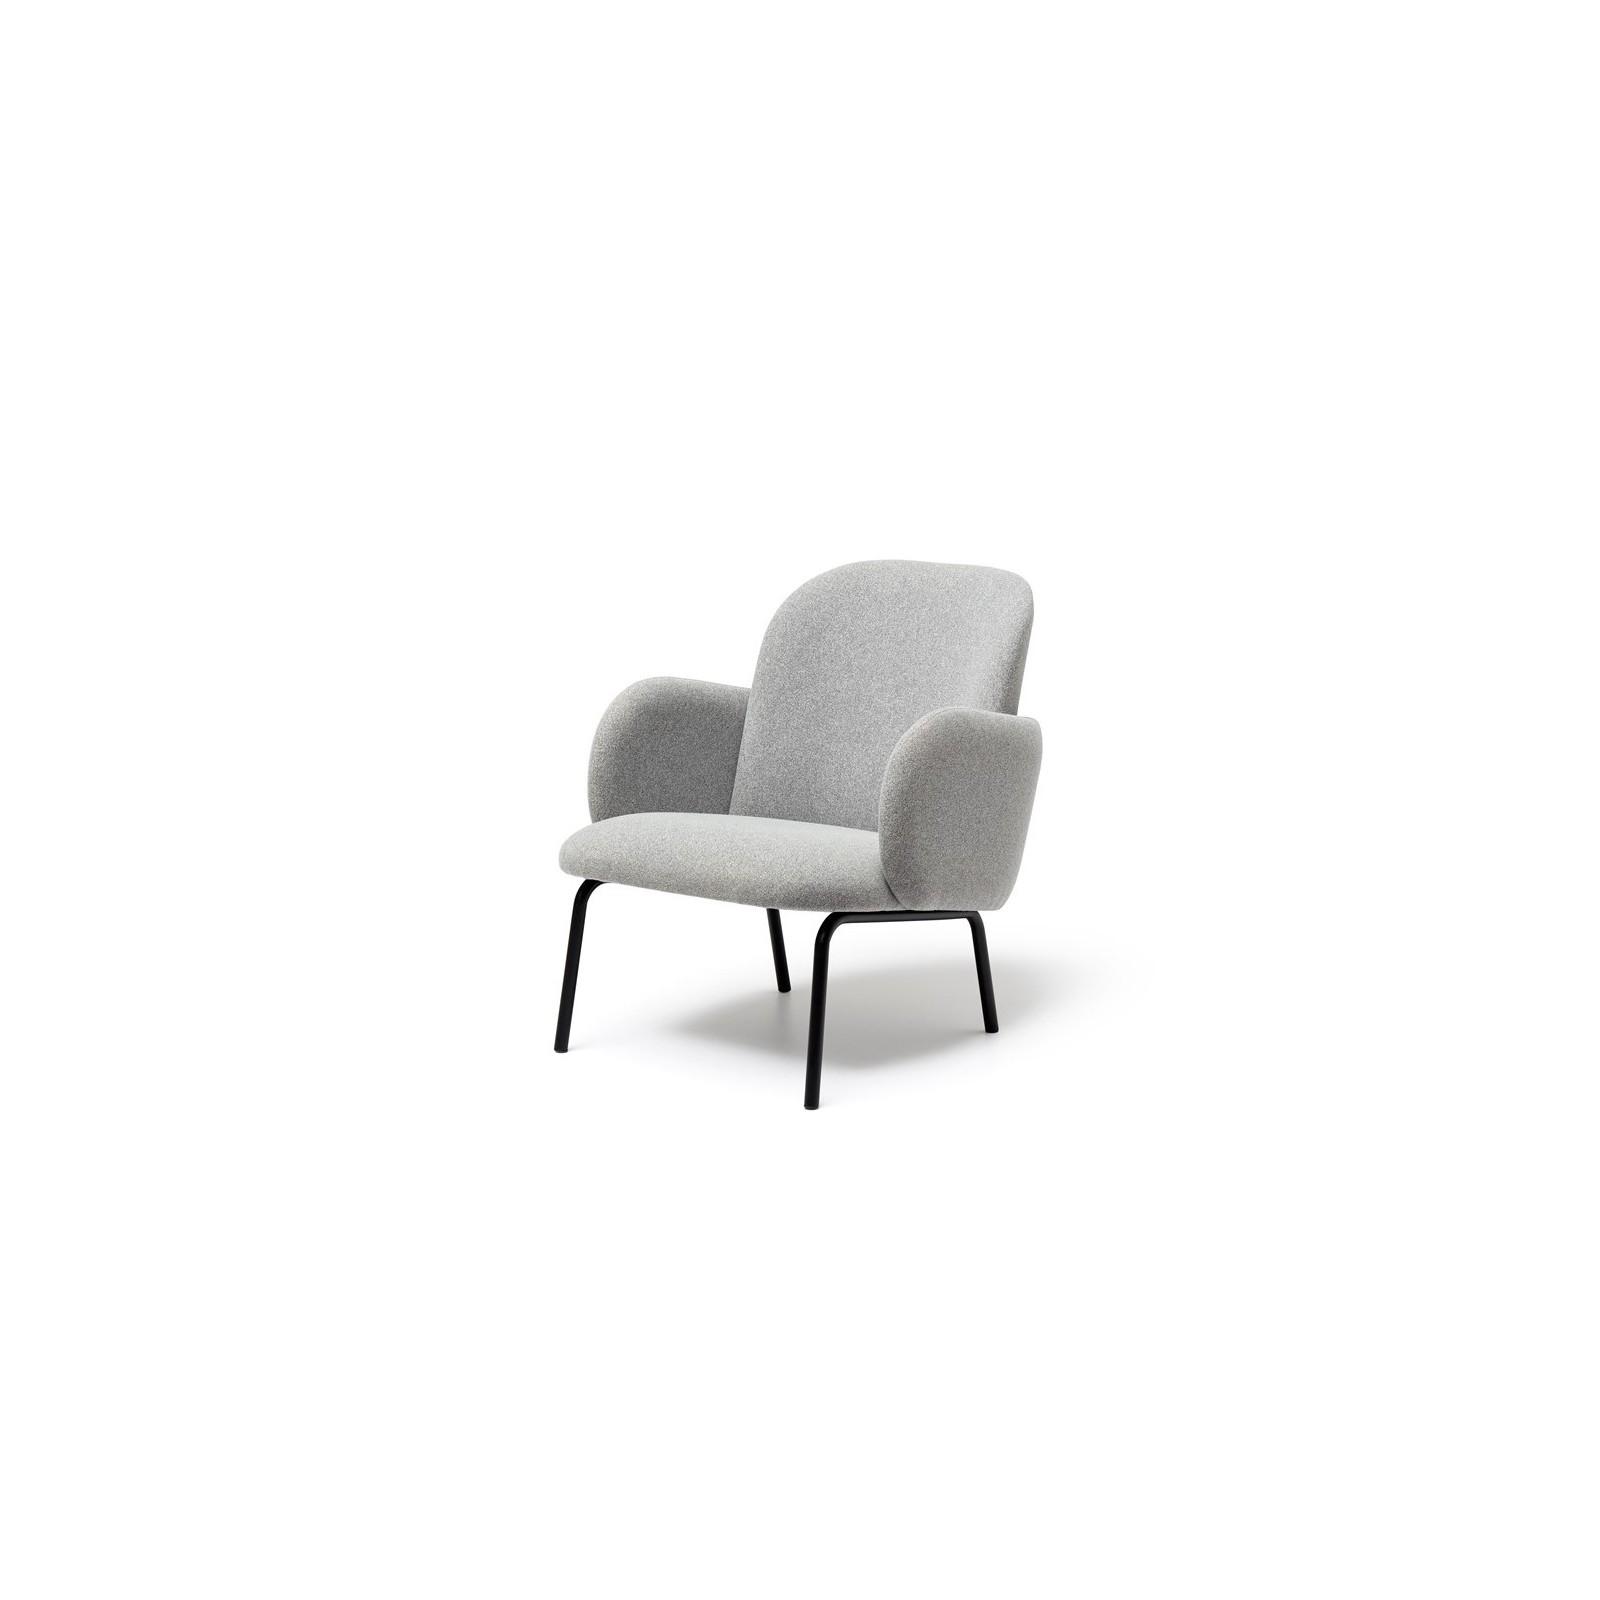 fauteuil confort gris clair arne concept. Black Bedroom Furniture Sets. Home Design Ideas